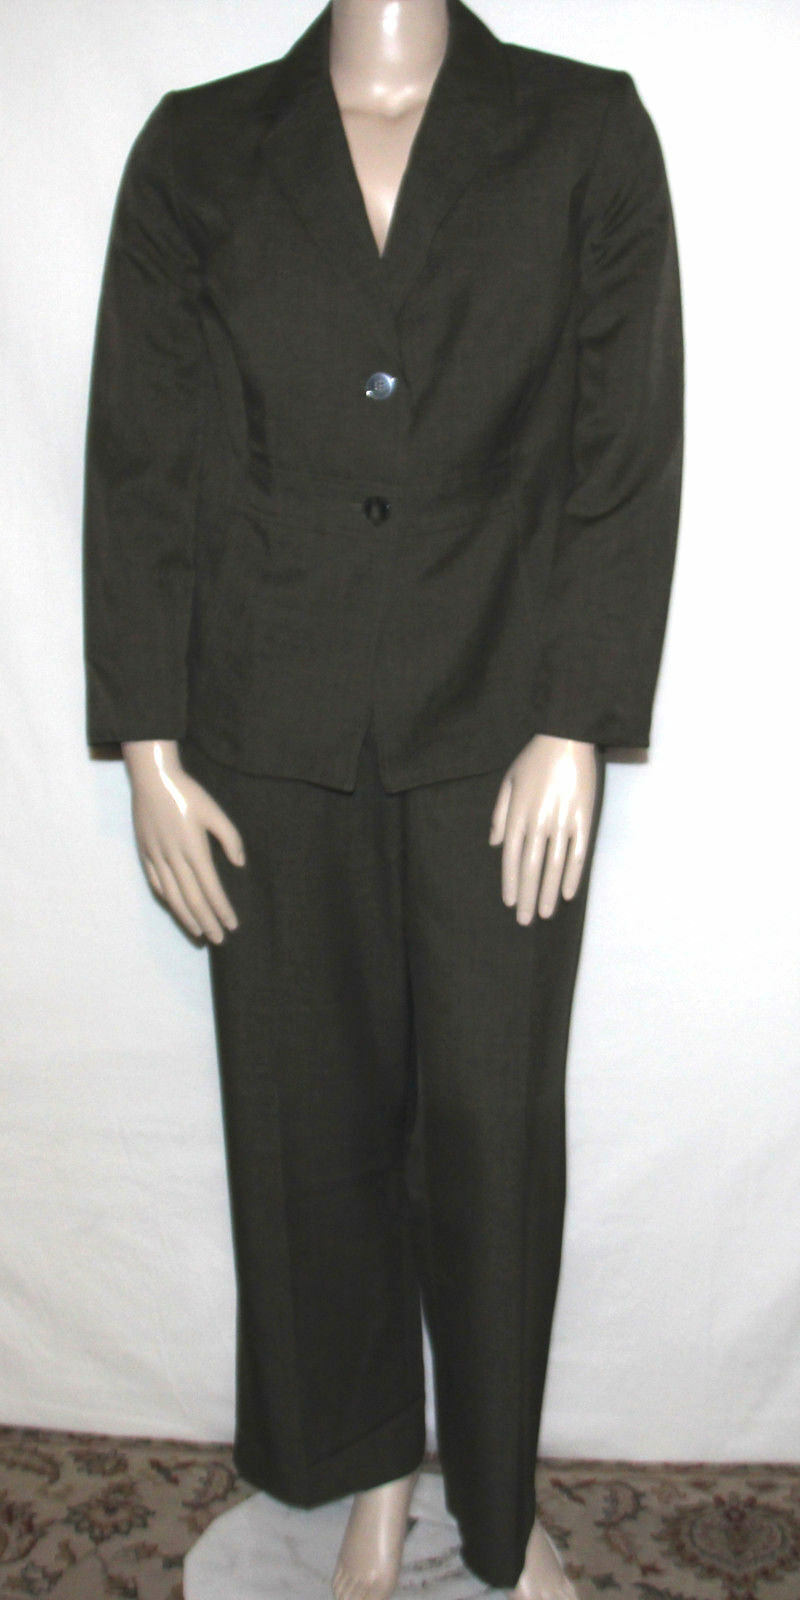 Nuevo Traje de Kasper  Plus 14 W cosidas Collar con muescas 2 Botón Chaqueta y Pantalones Loden  primera reputación de los clientes primero